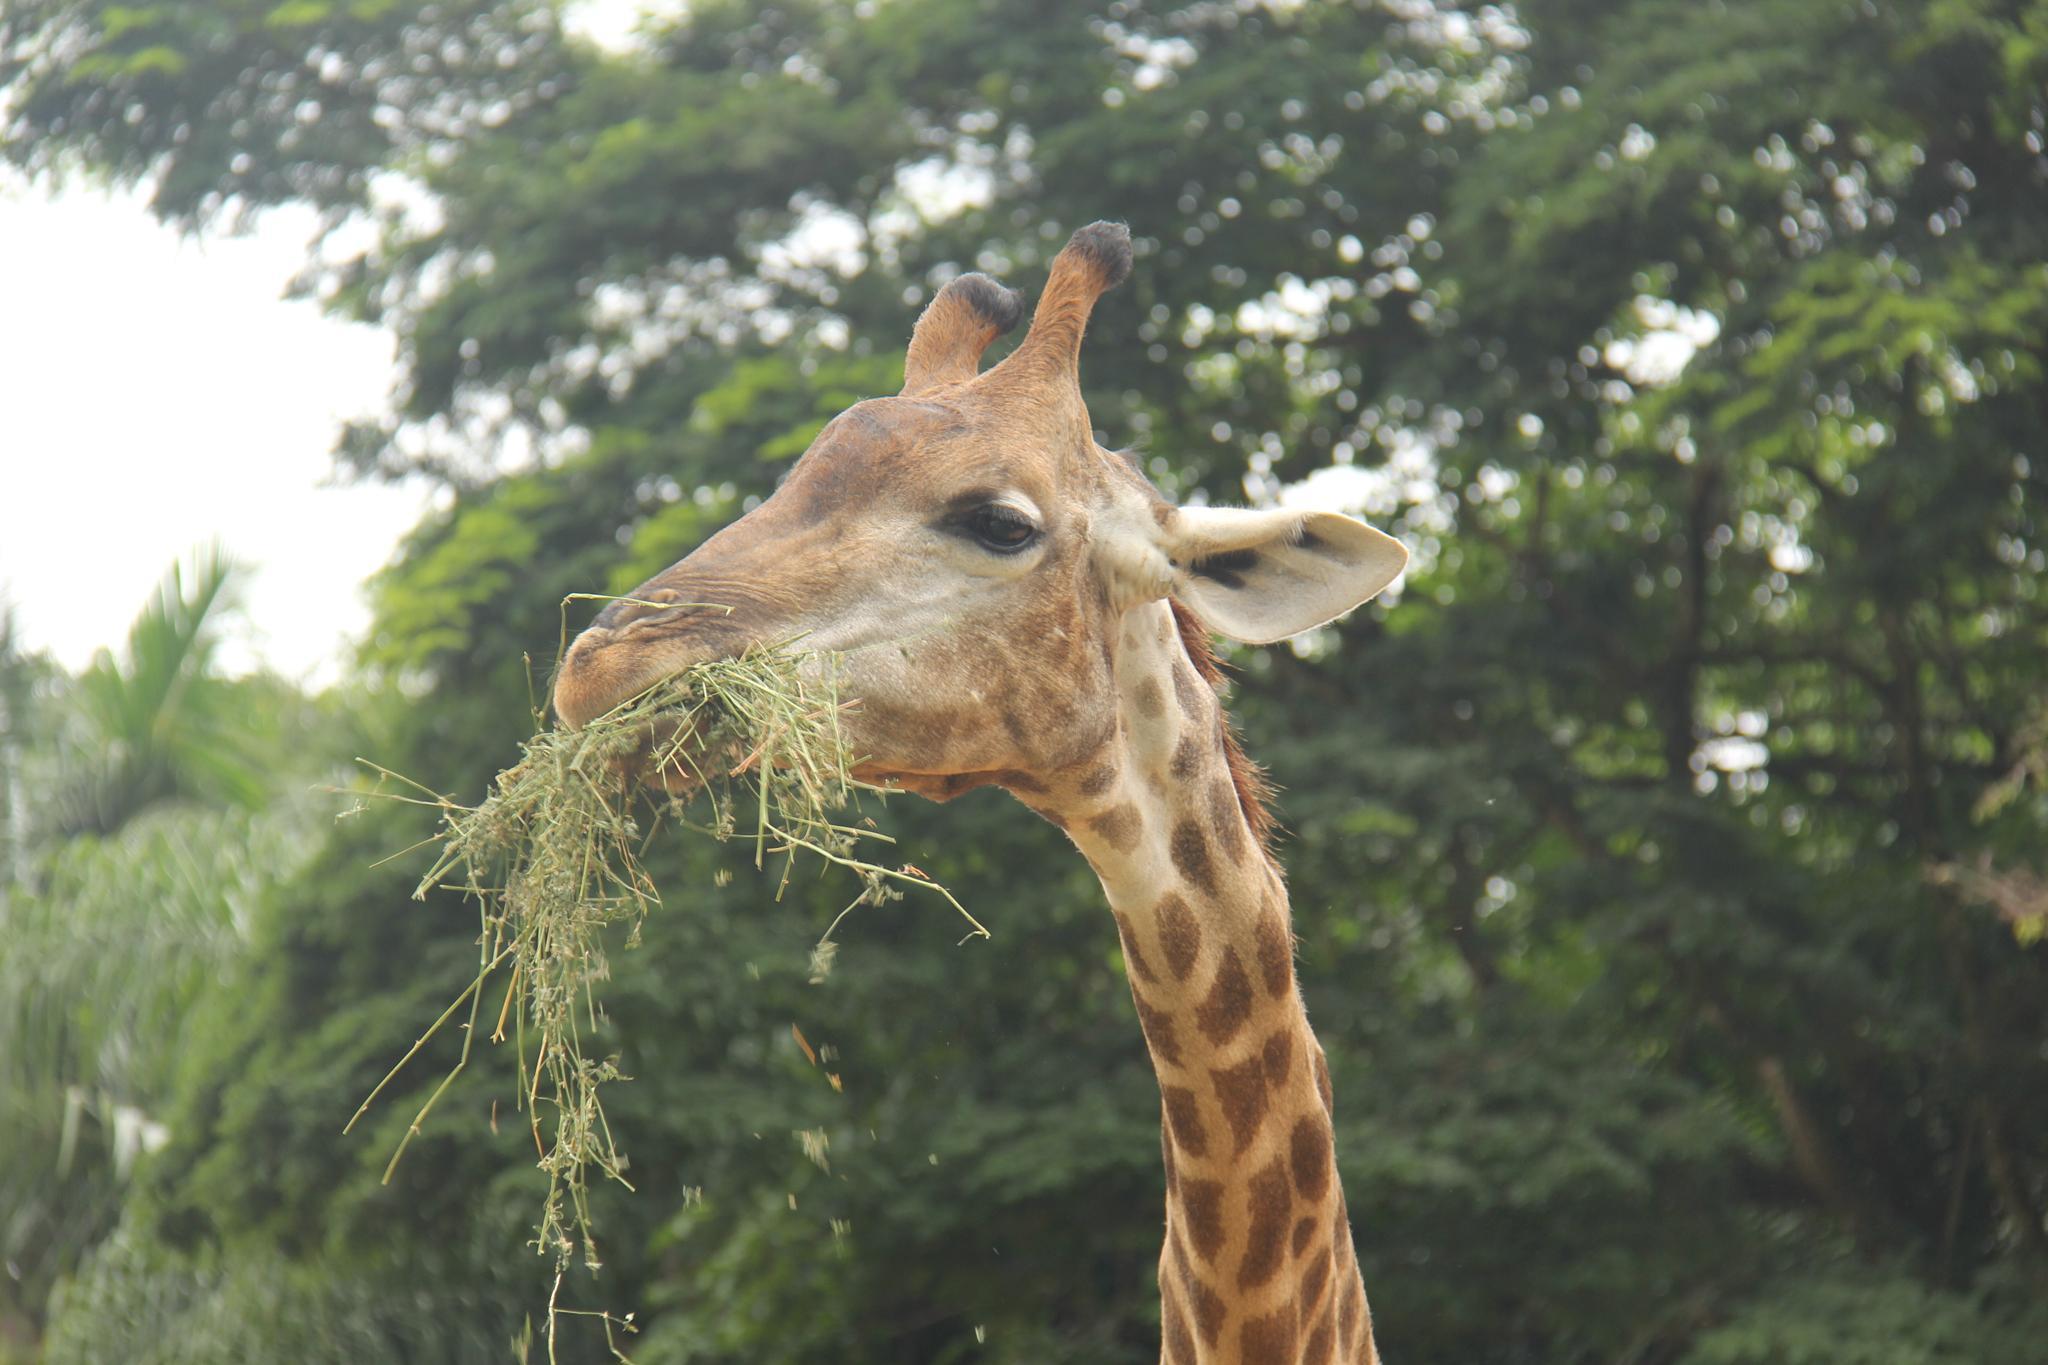 Giraffa Lunch by Diego Nitta